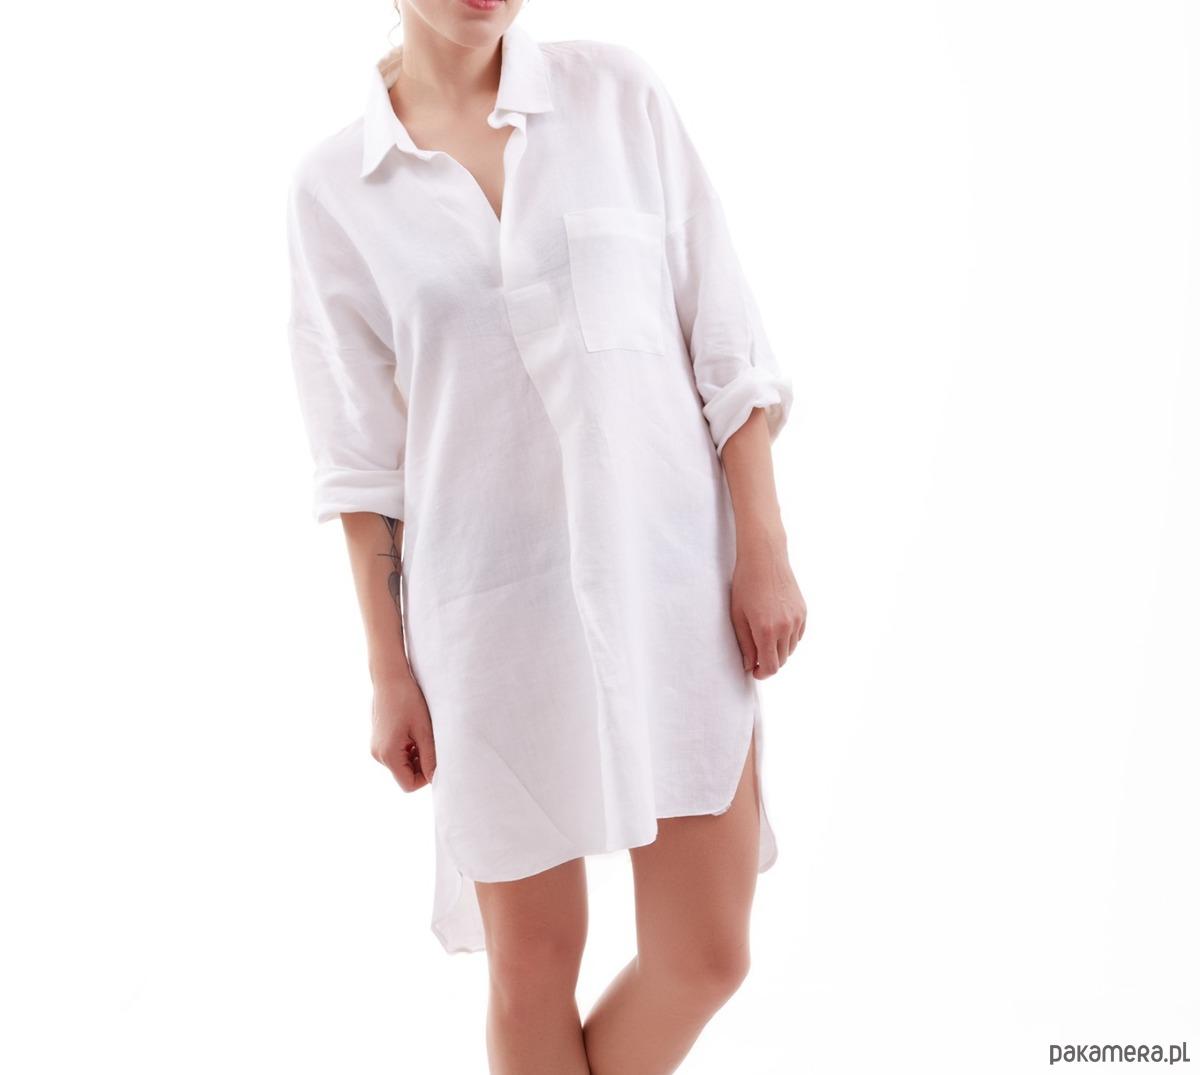 71401e5366 Eco Lniana Koszula Biała - bluzki - t-shirty - damskie - Pakamera.pl